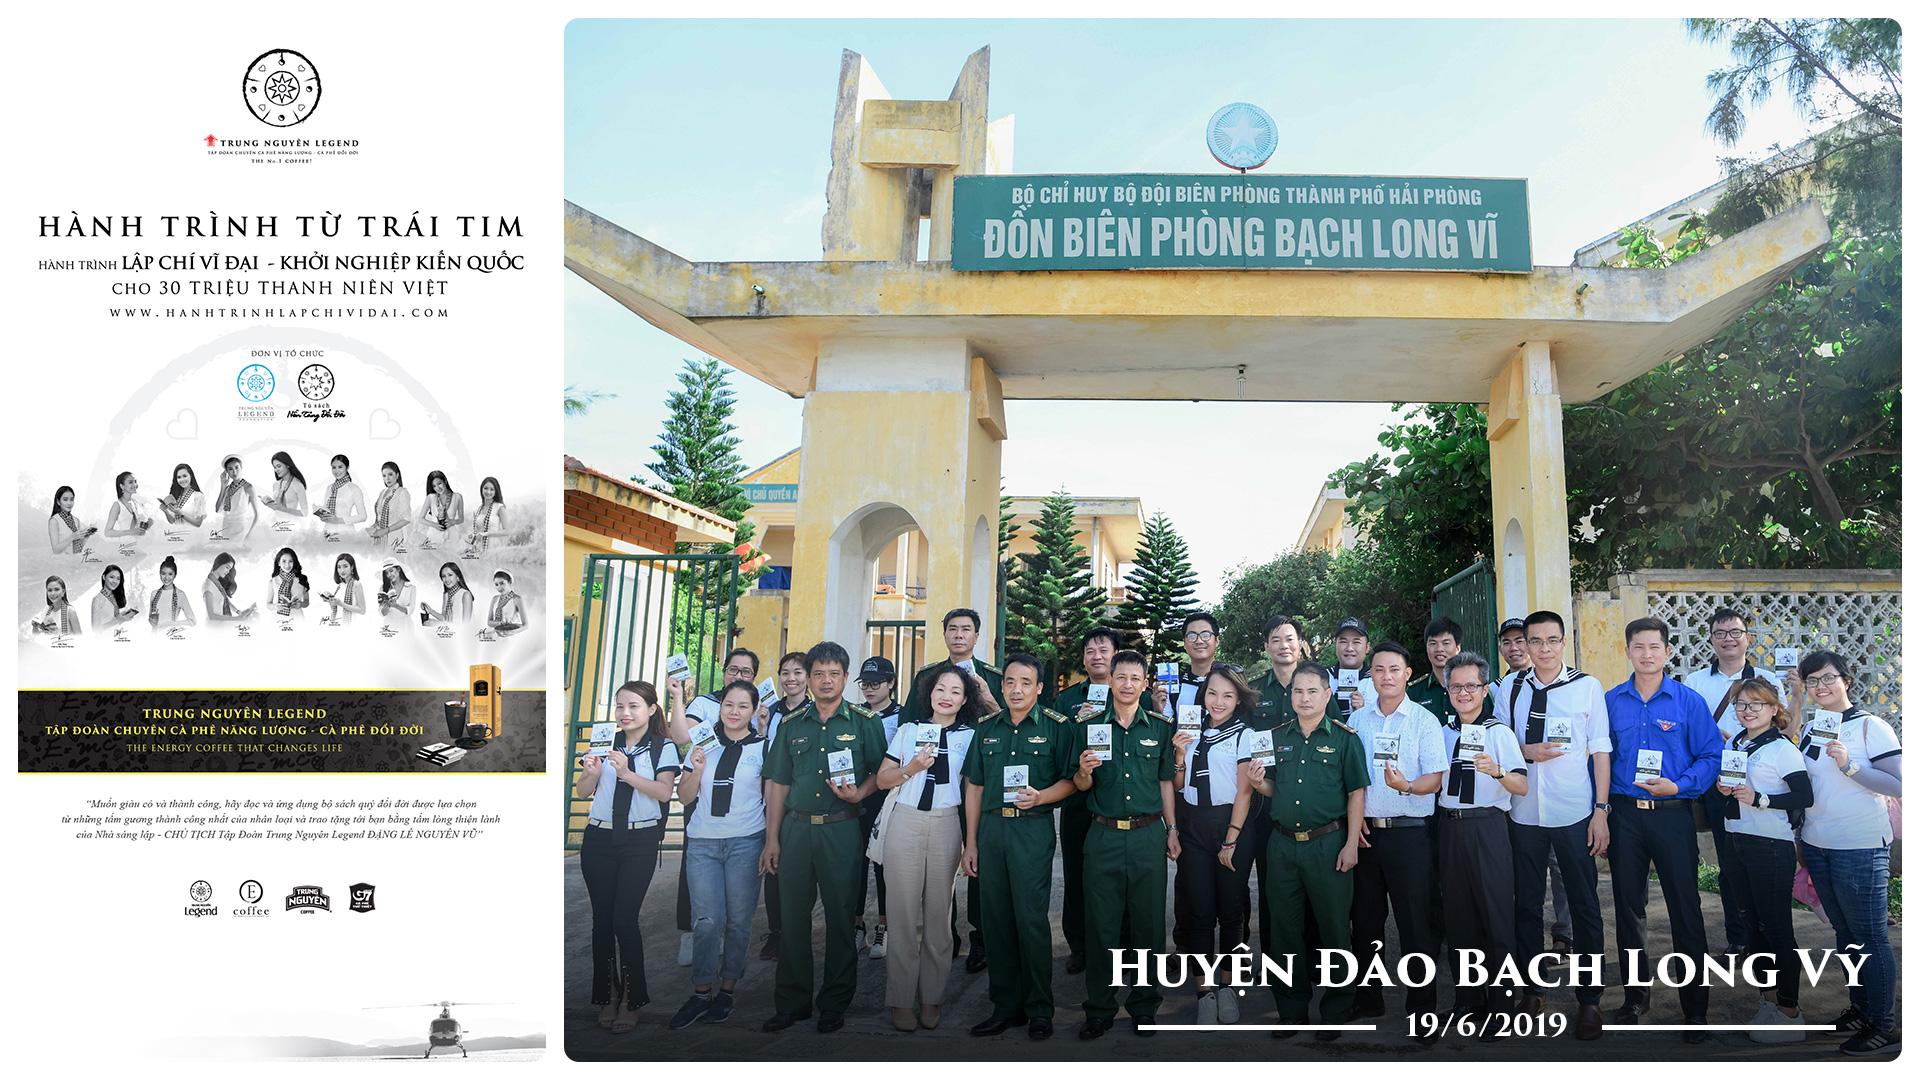 Hành trình Từ Trái Tim đưa bộ sách truyền cảm hứng đến Bạch Long Vĩ – hòn đảo xa nhất Vịnh Bắc Bộ